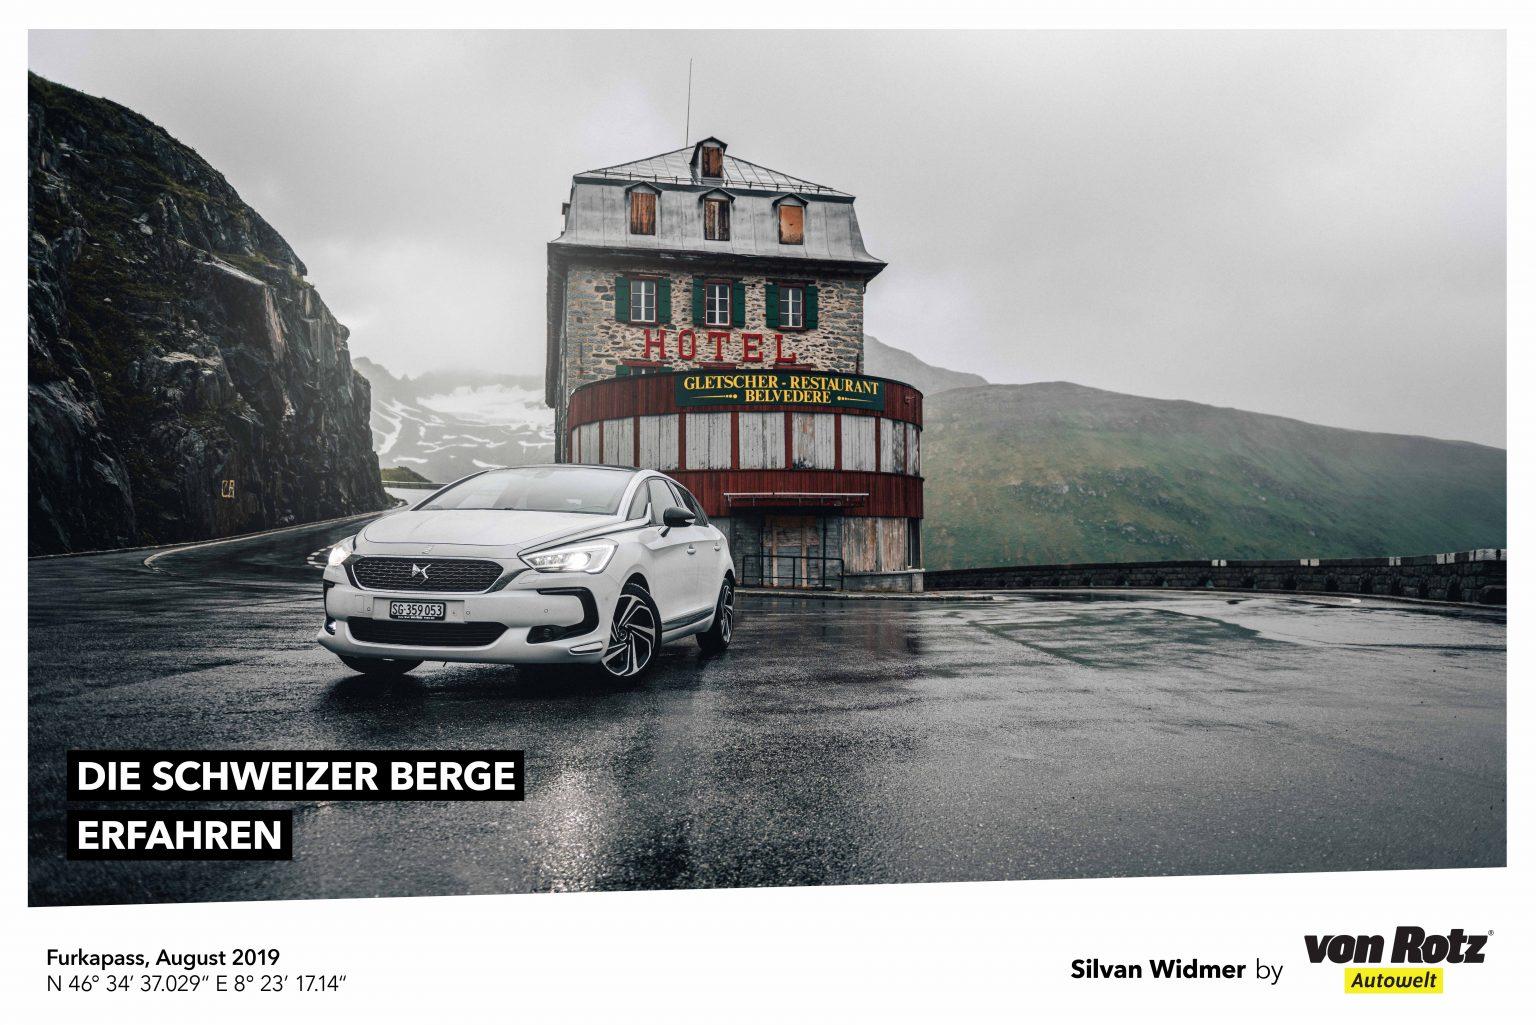 Die Schweizer Berge erfahren mit Silvan Widmer - Auto Welt von Rotz AG 3